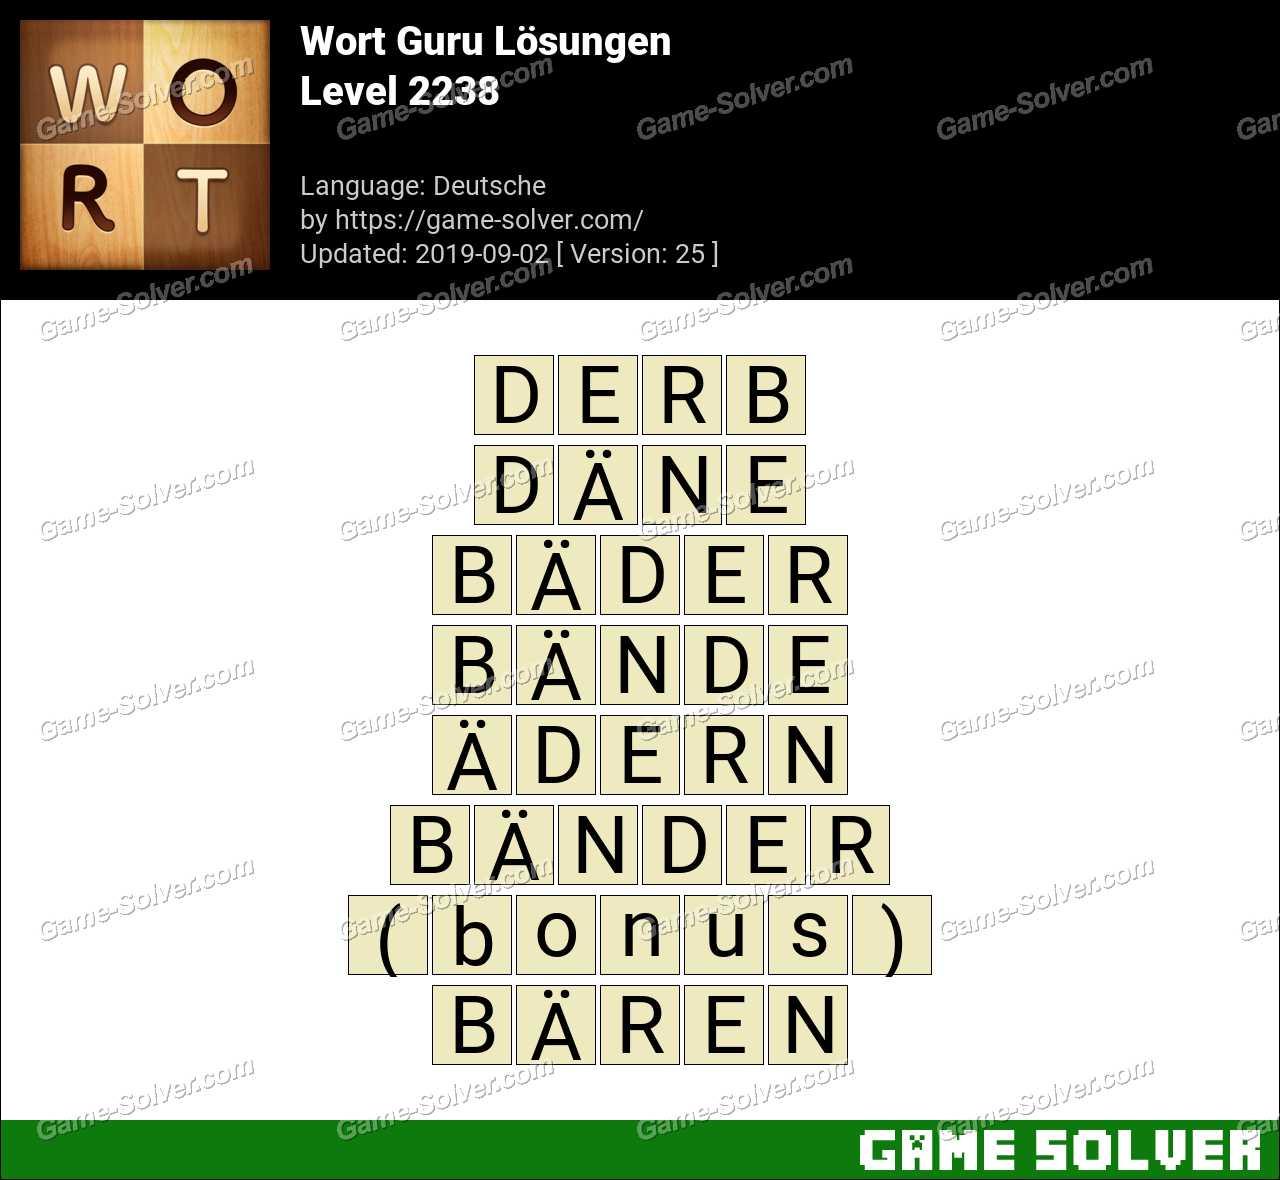 Wort Guru Level 2238 Lösungen